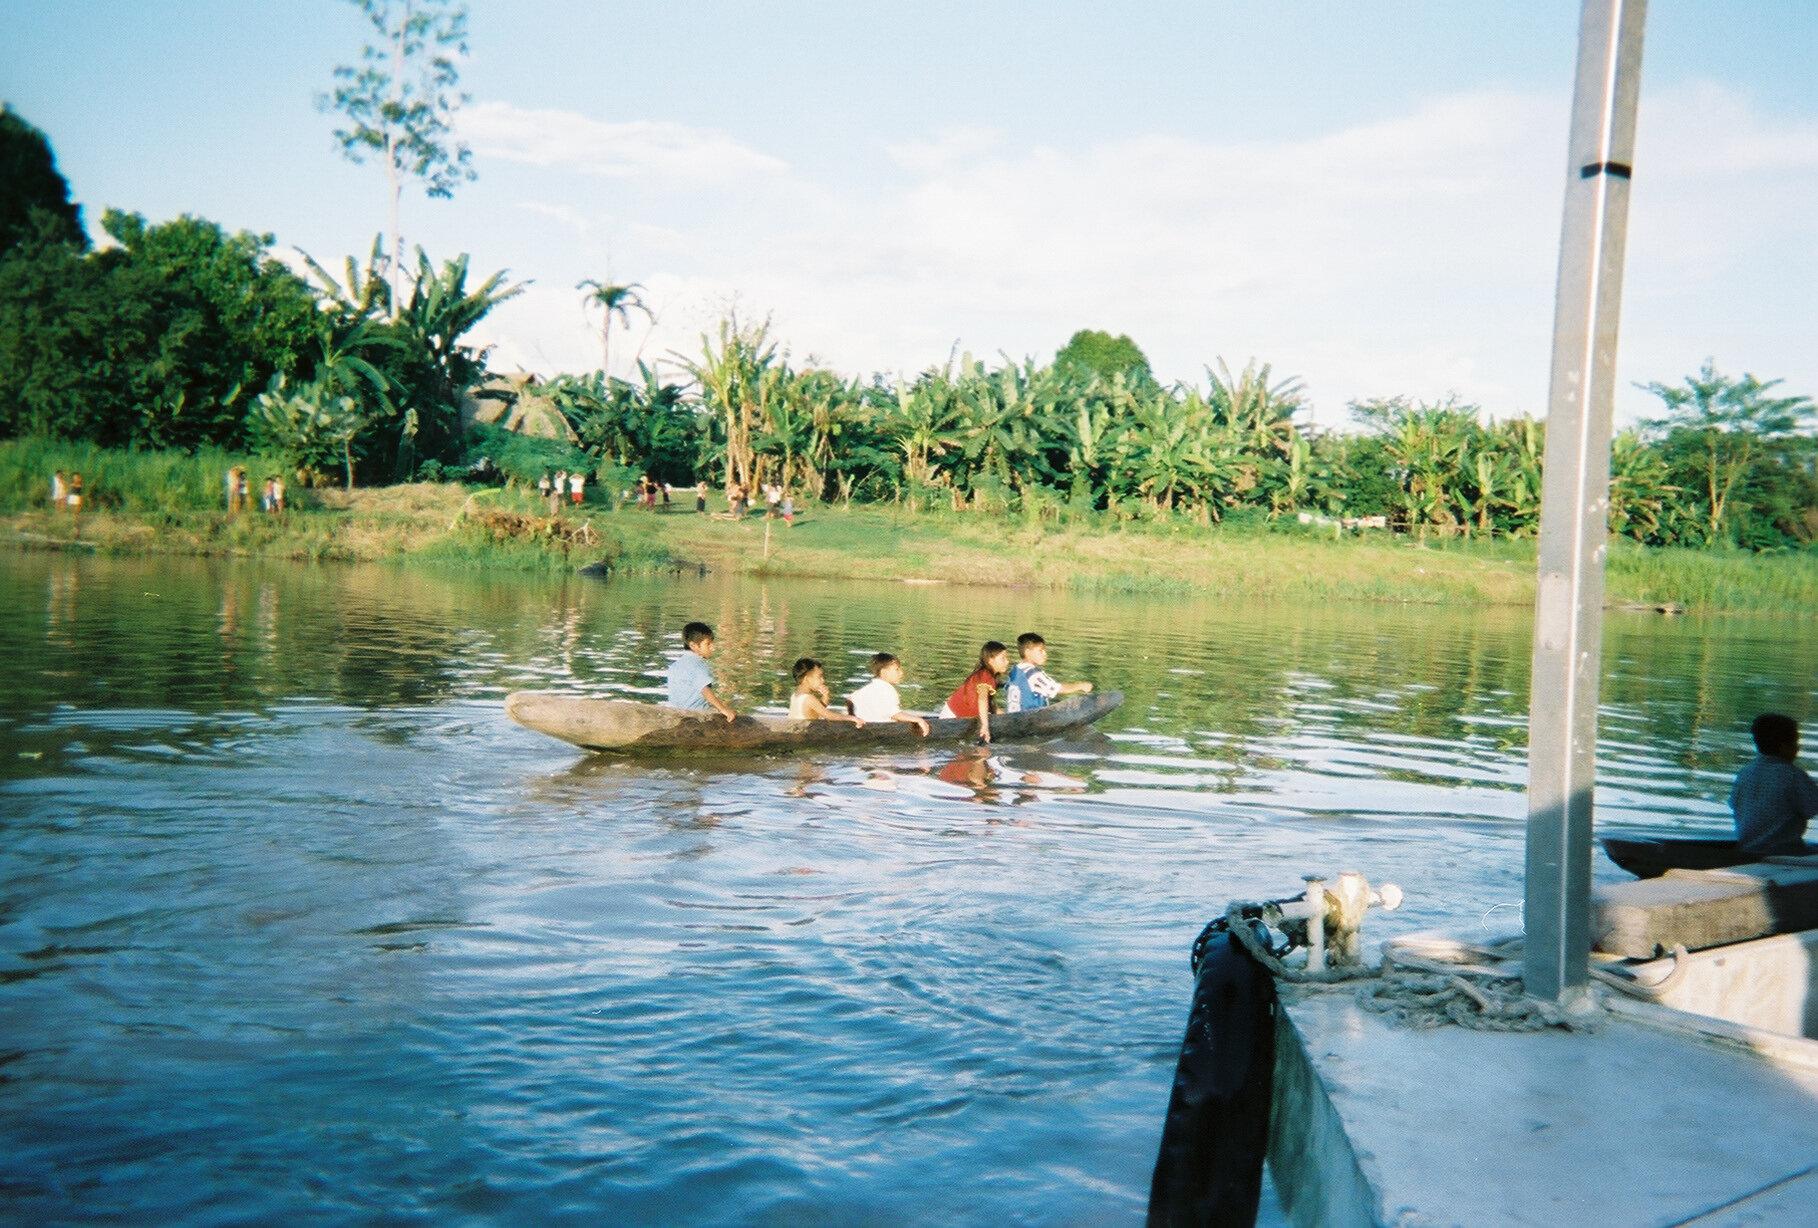 kids canoe.jpg